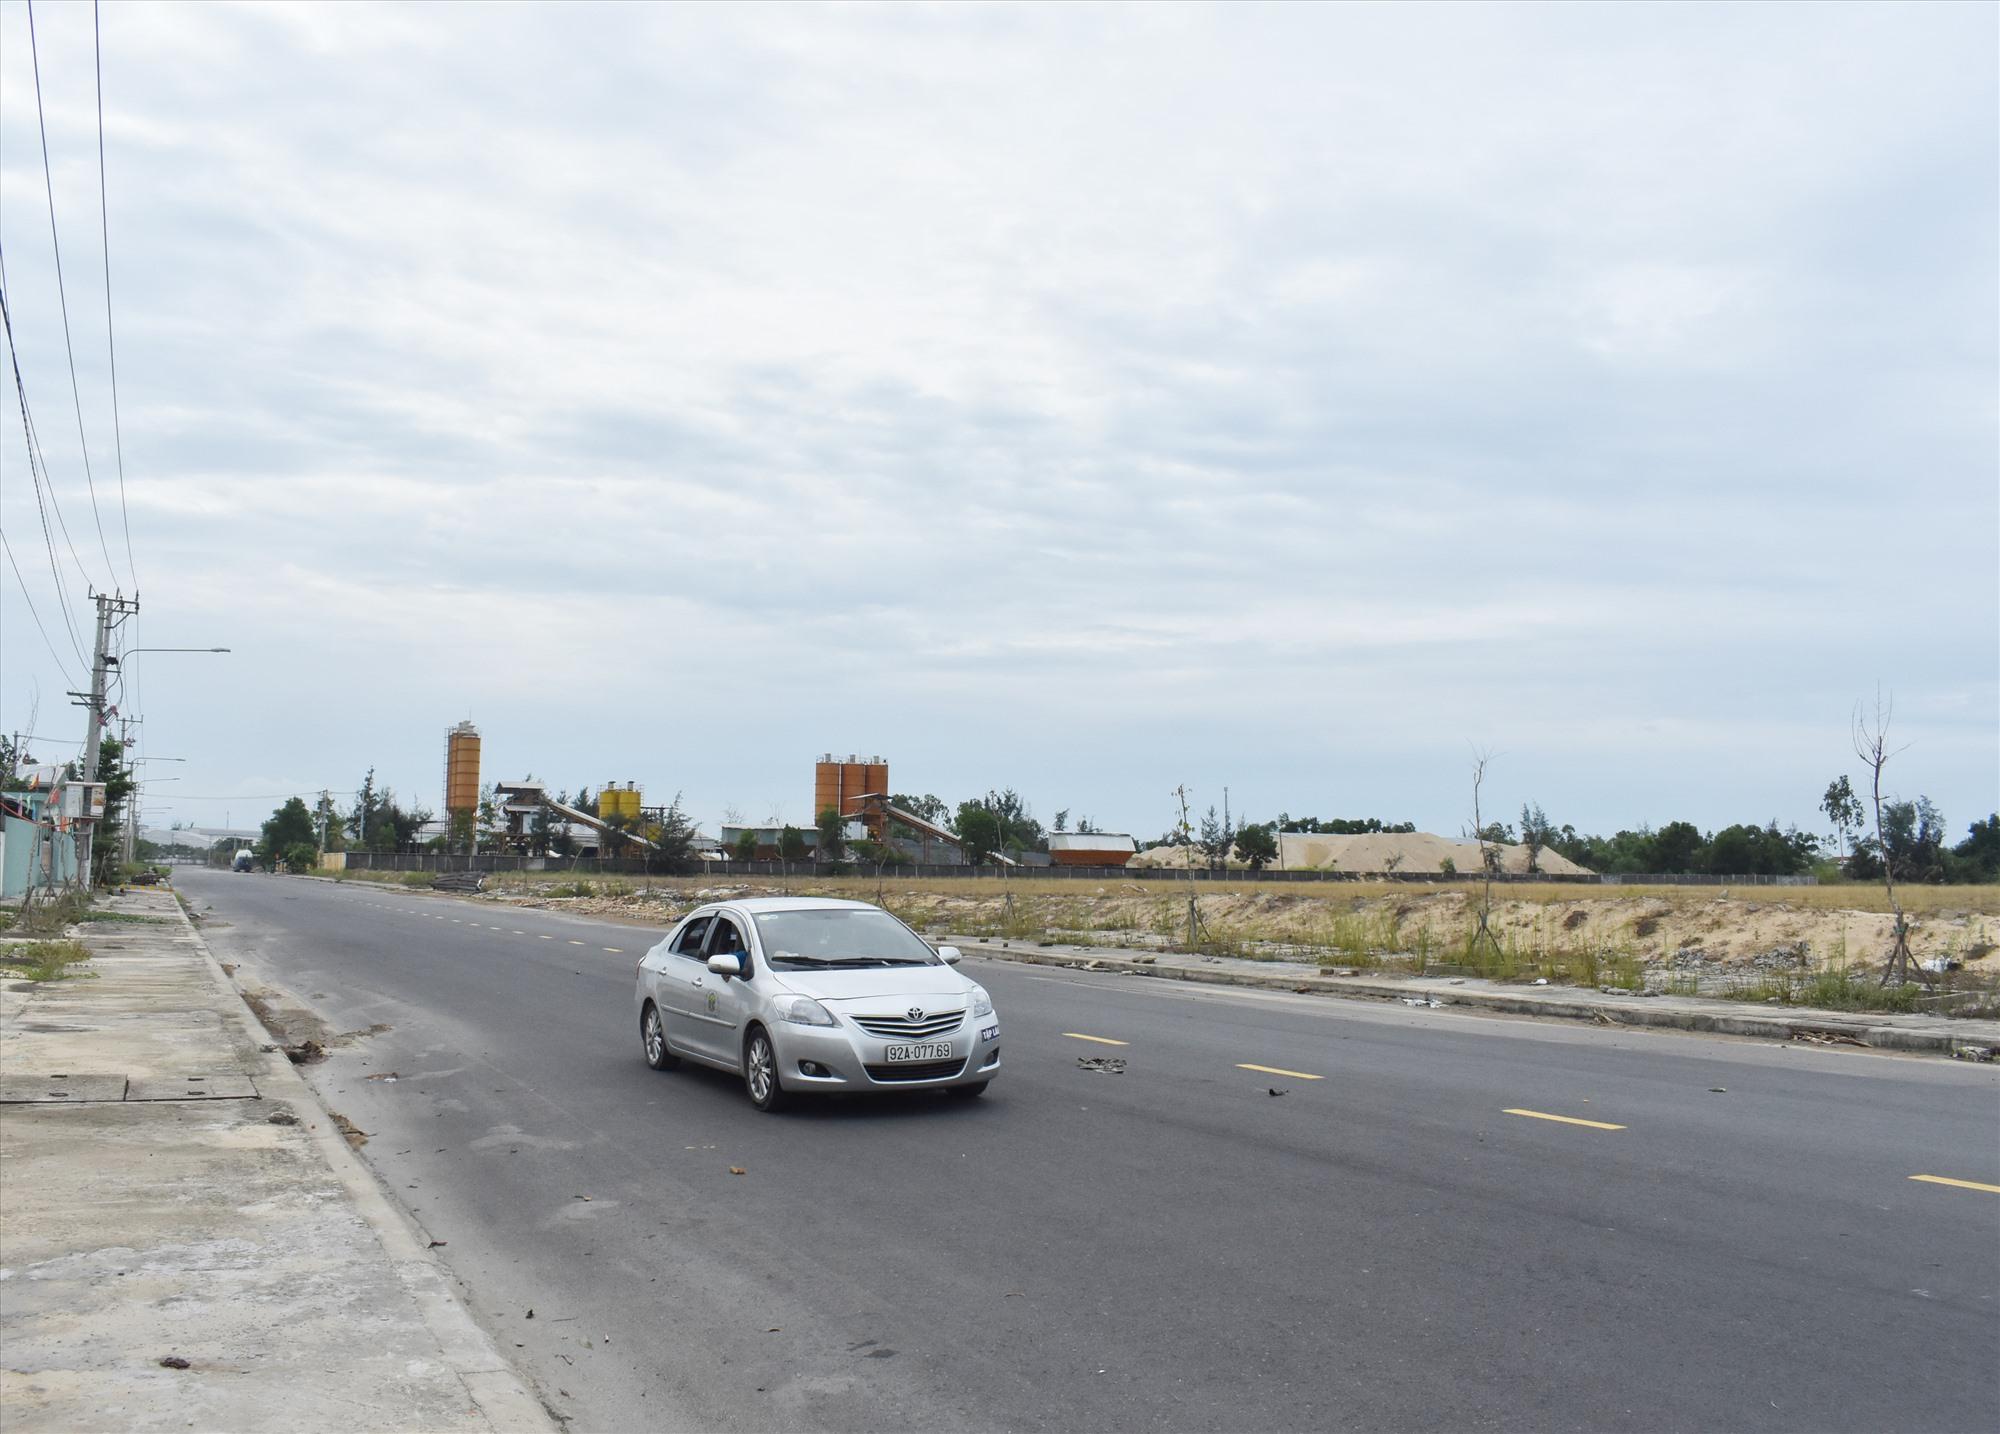 Nhiều cụm công nghiệp còn trống đất do hạ tầng chưa đáp ứng yêu cầu của doanh nghiệp. Ảnh: V.LỘC